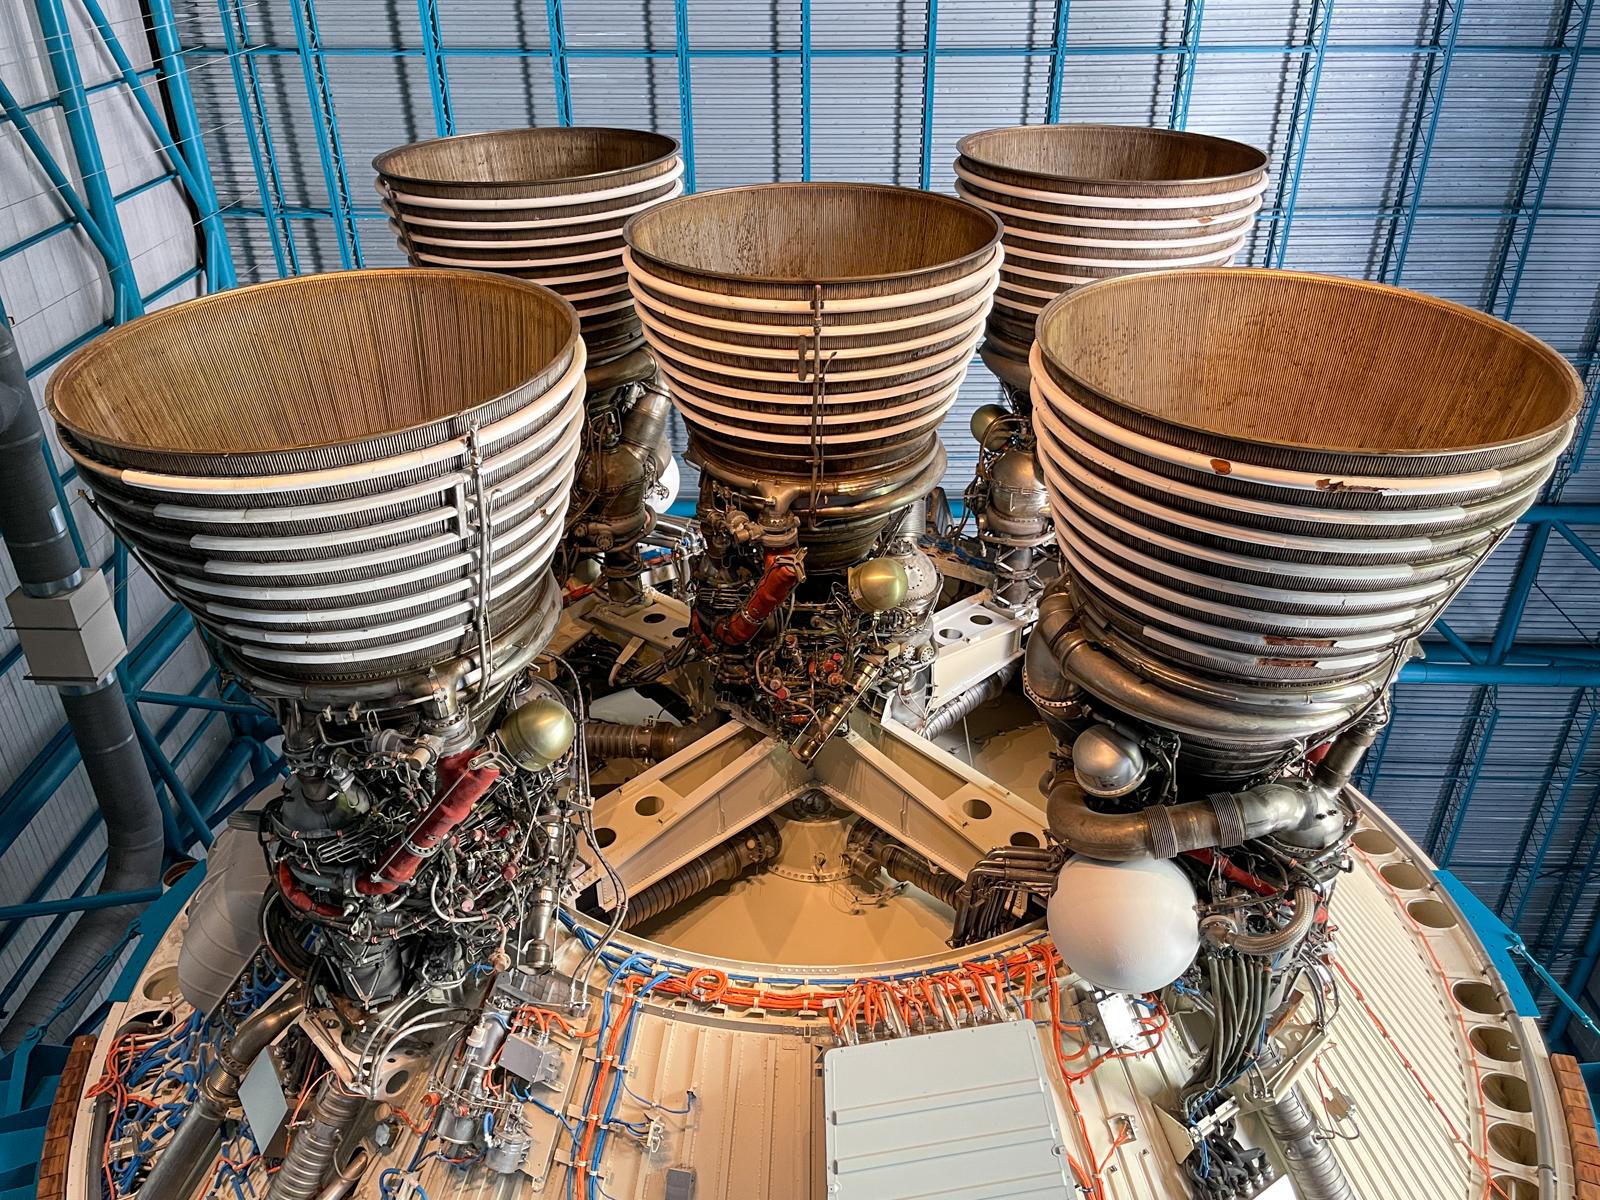 Second stage of Saturn V rocket